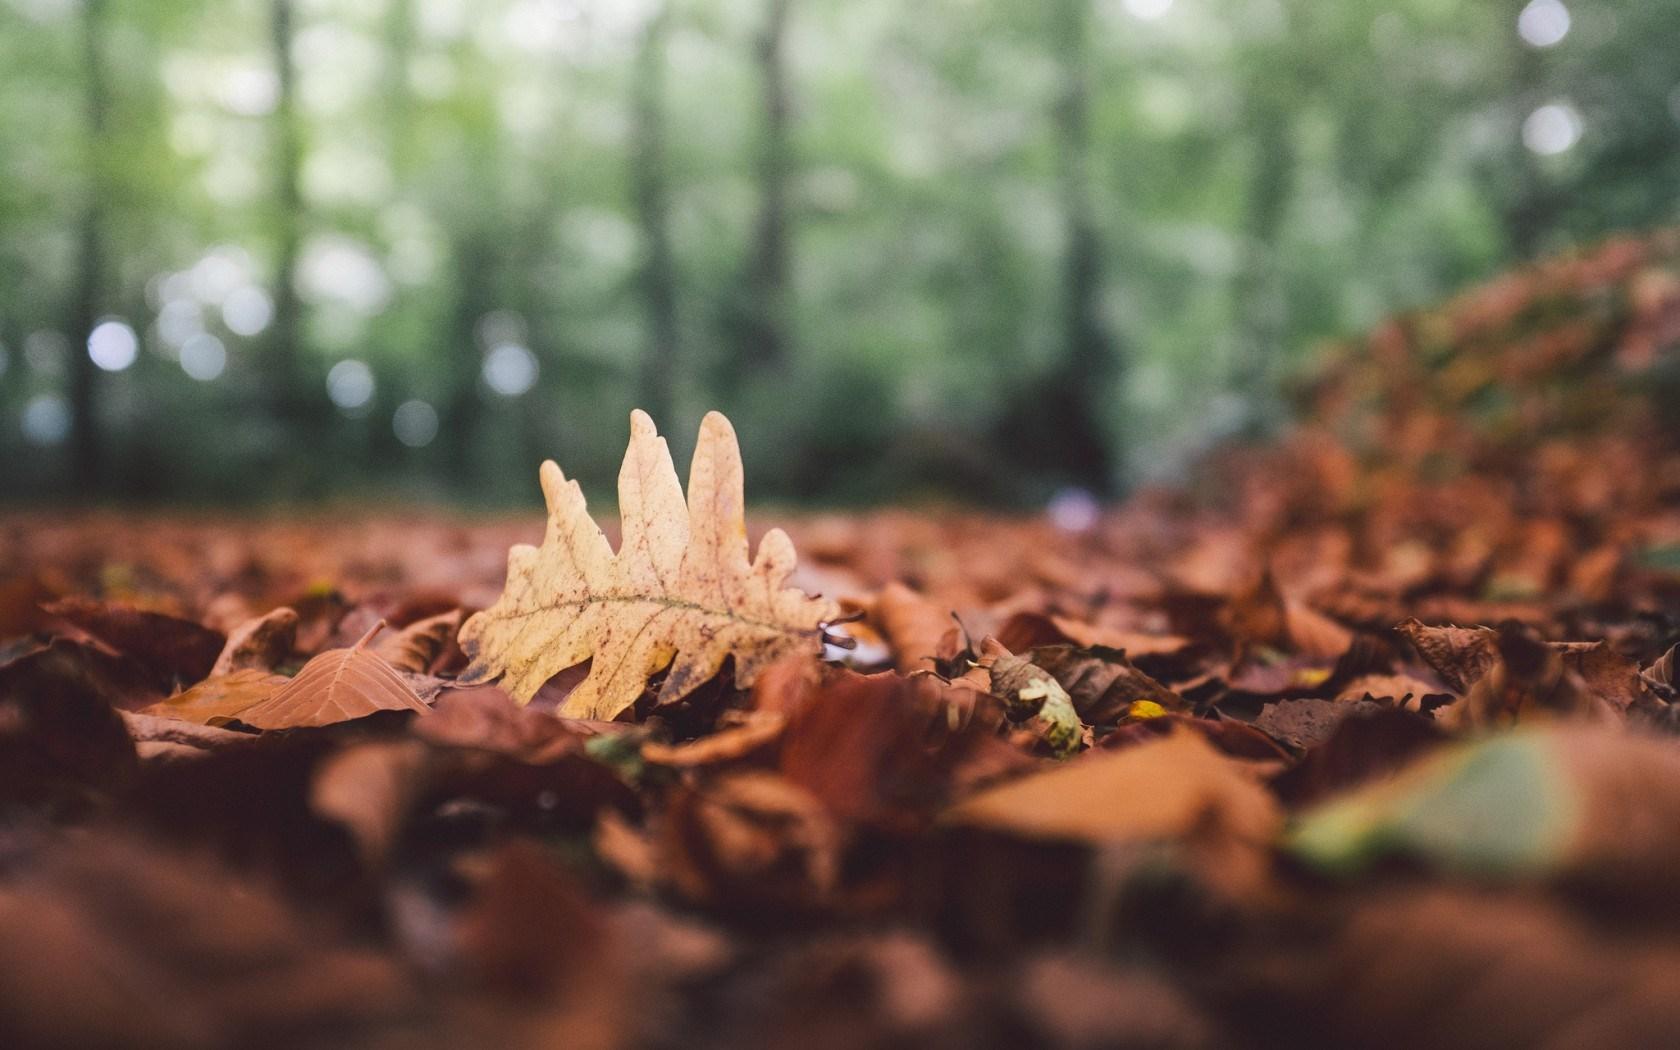 Fall In Love Leaf Wallpaper Autumn Forest Wallpaper Hd Desktop Wallpapers 4k Hd